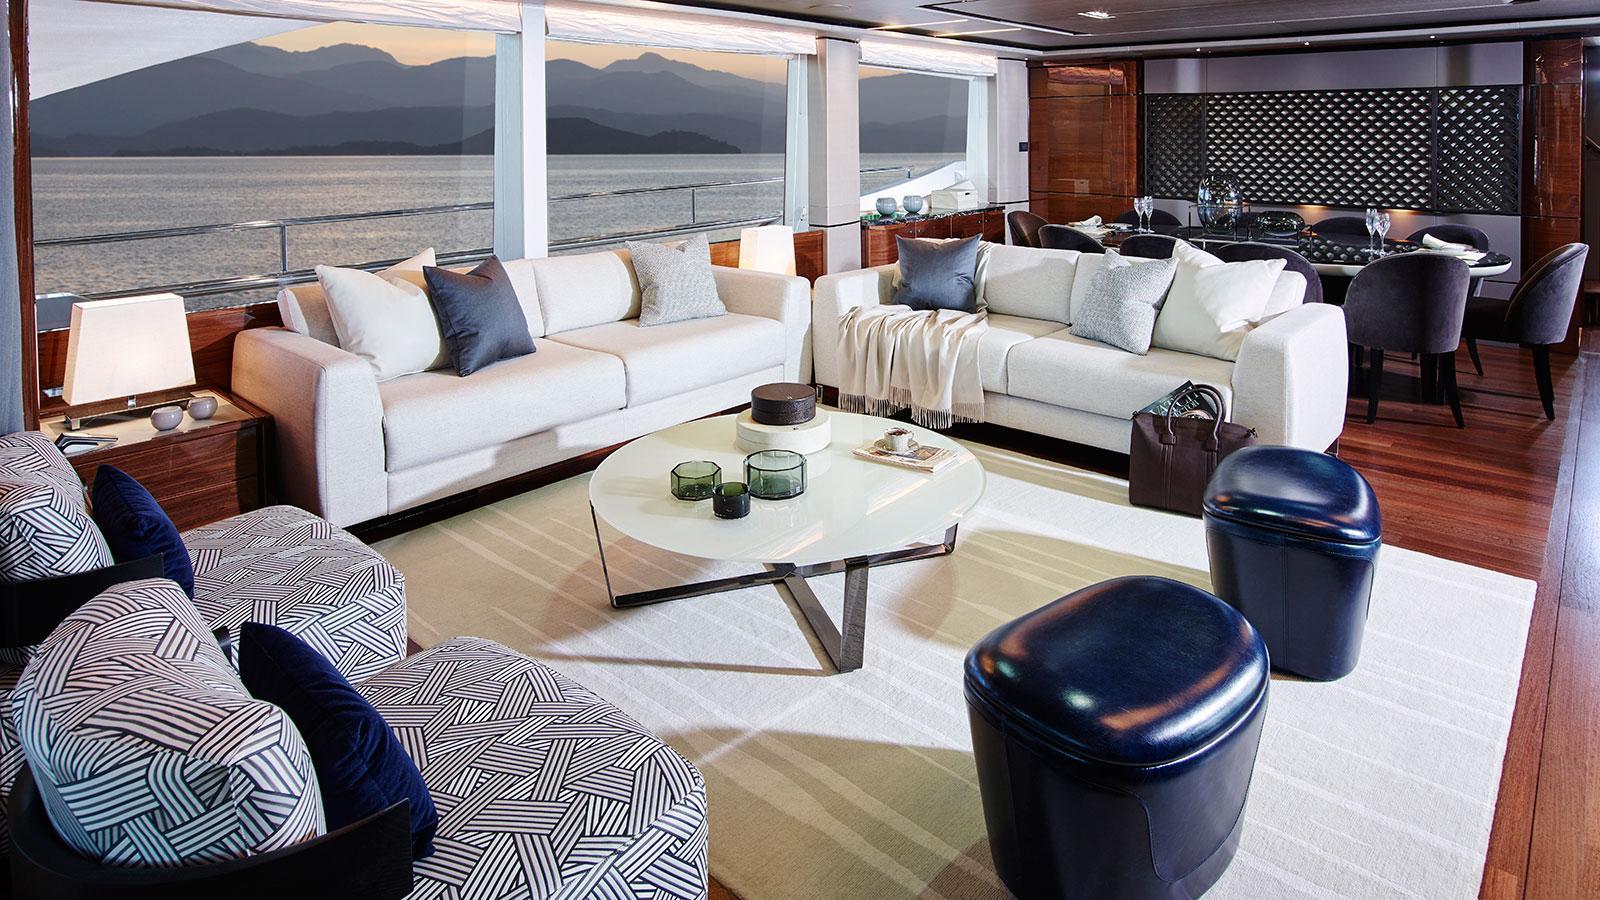 Princess 30M motoryacht Princess 30m 2020 saloon sistership